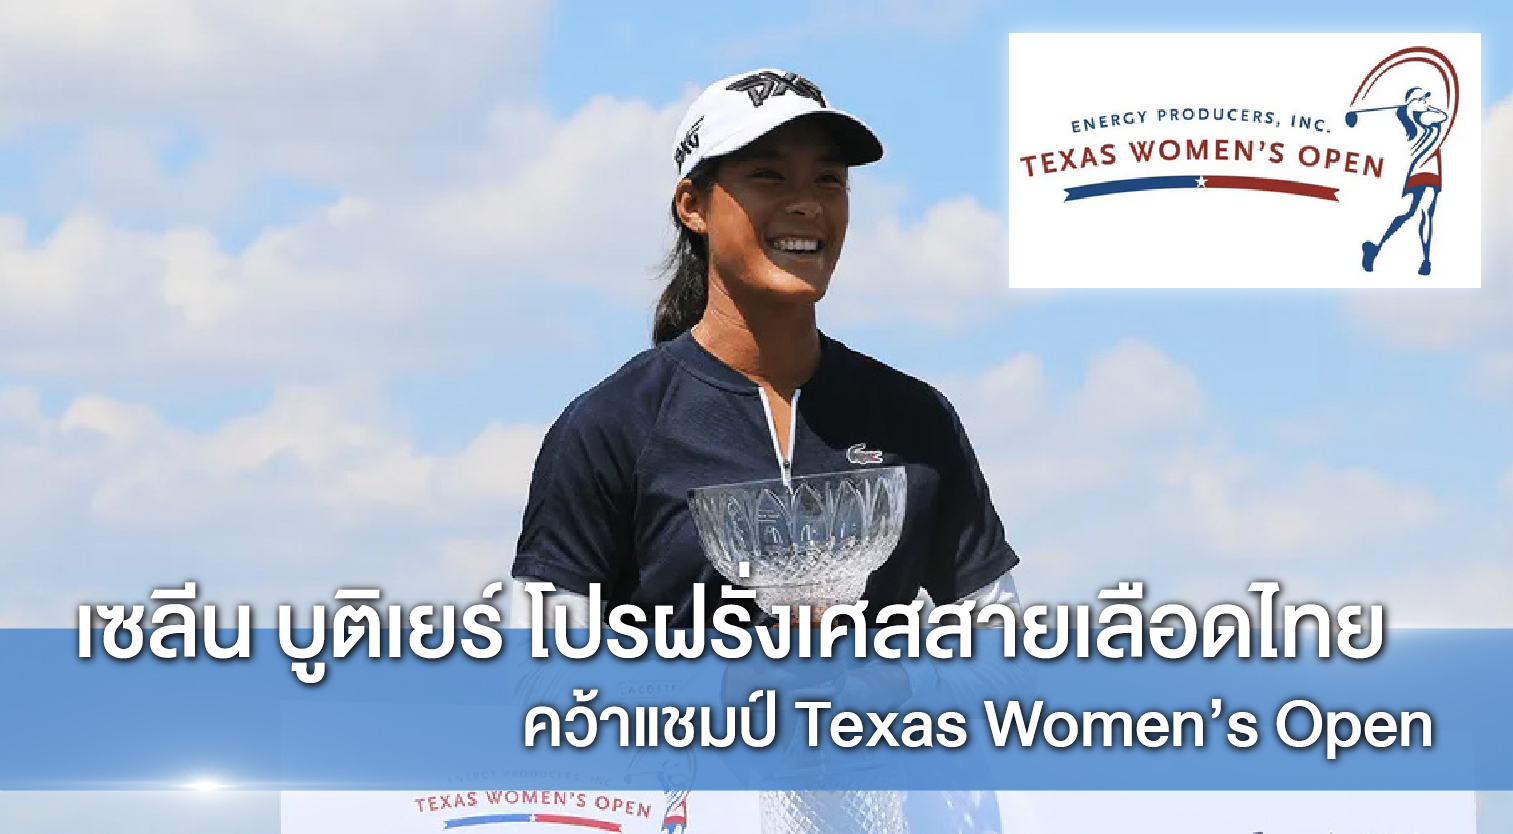 """""""บูติเยร์"""" แชมป์ Texas Women's Open """"โปรจ๊ะ"""" ที่ 49 ร่วม"""